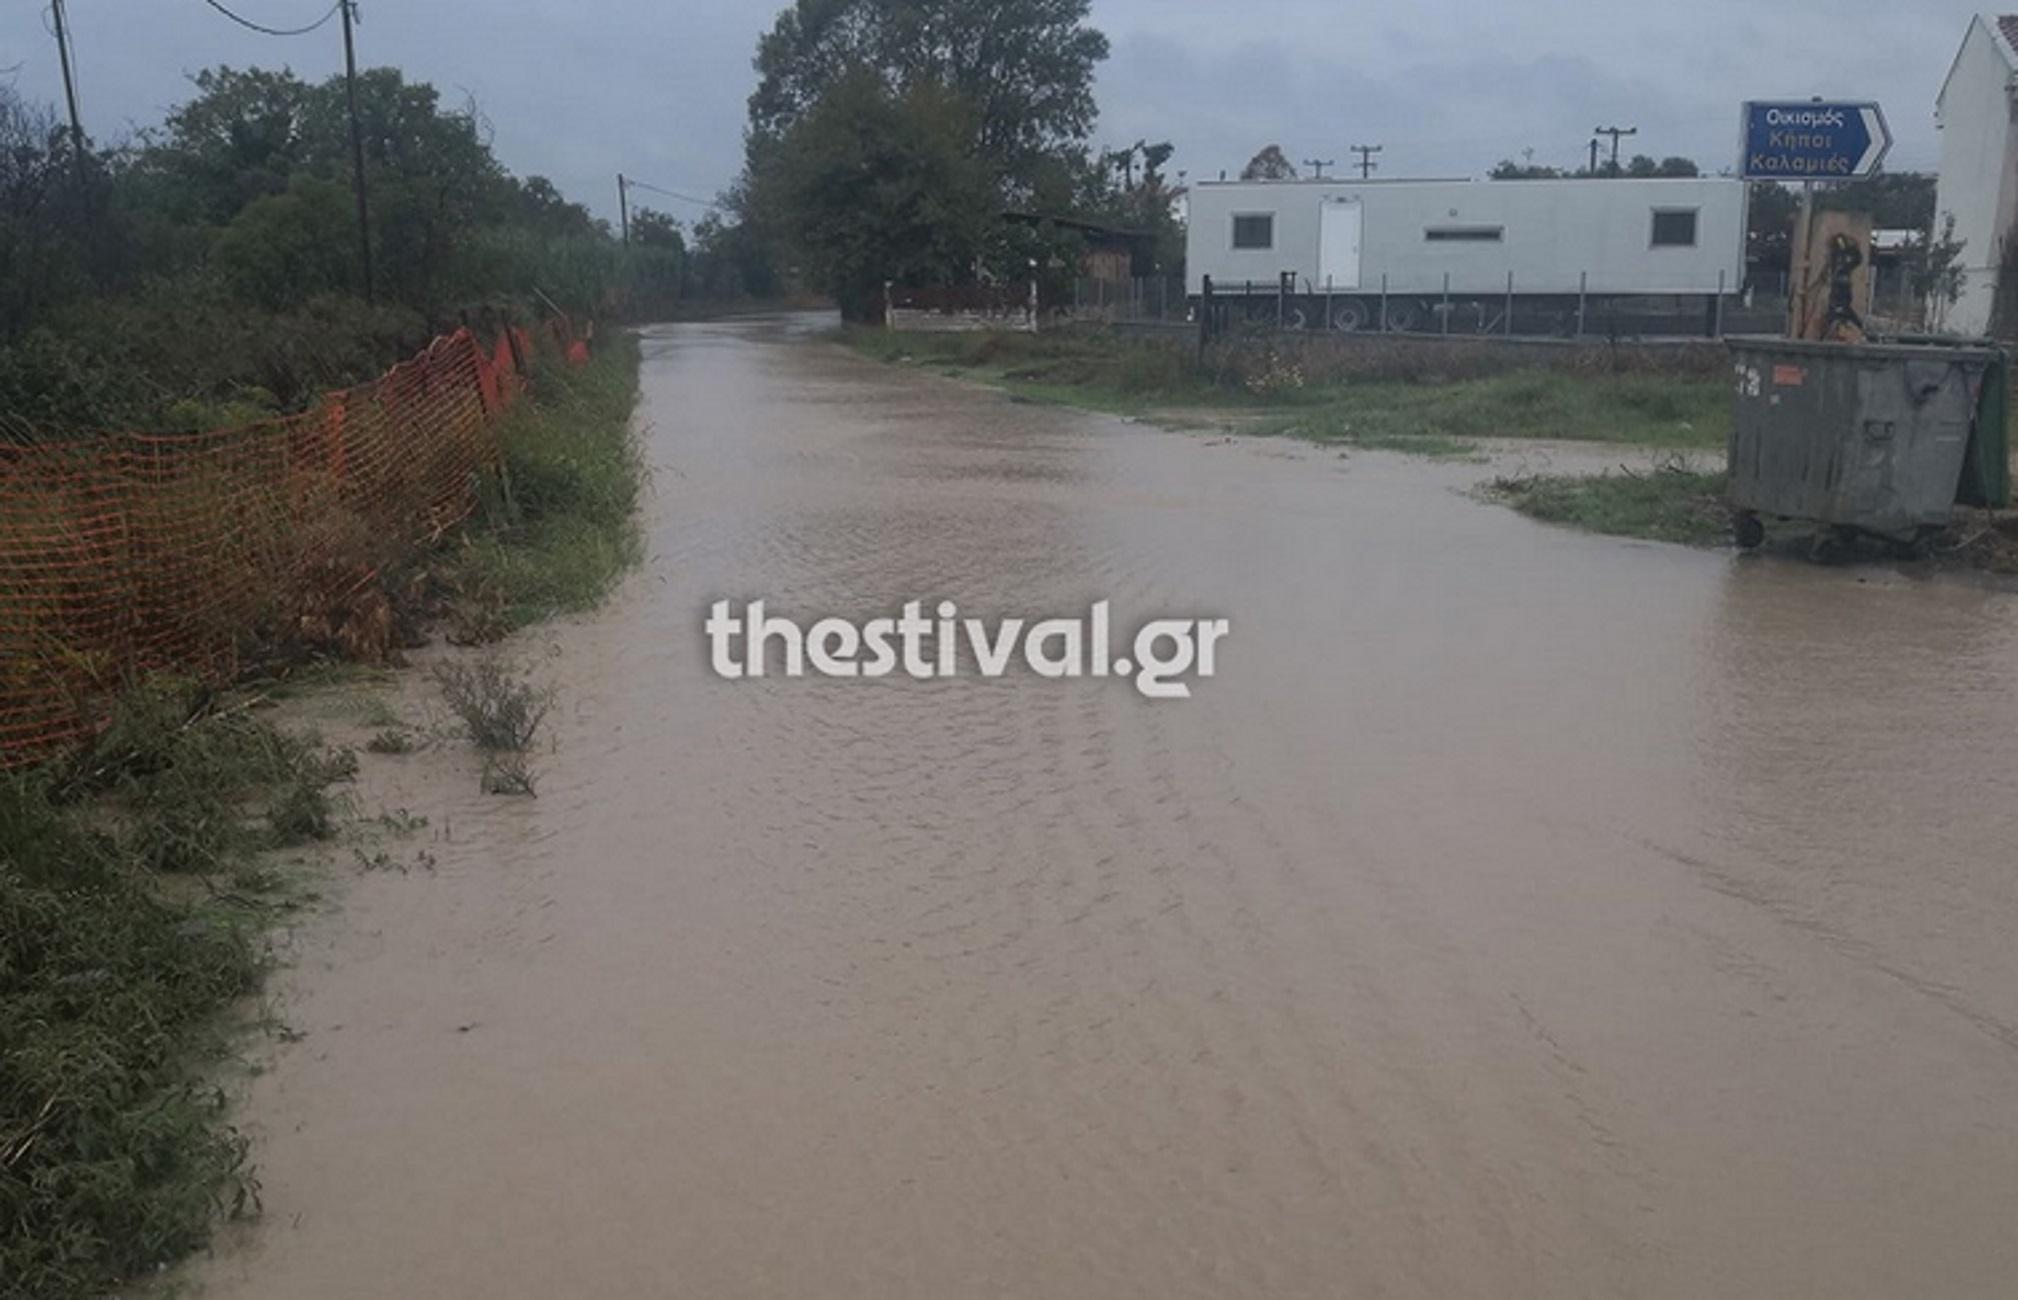 Κακοκαιρία «Μπάλλος» – Χαλκιδική: Ποτάμια οι δρόμοι σε εισόδους χωριών – Οι Αρχές σε επιφυλακή